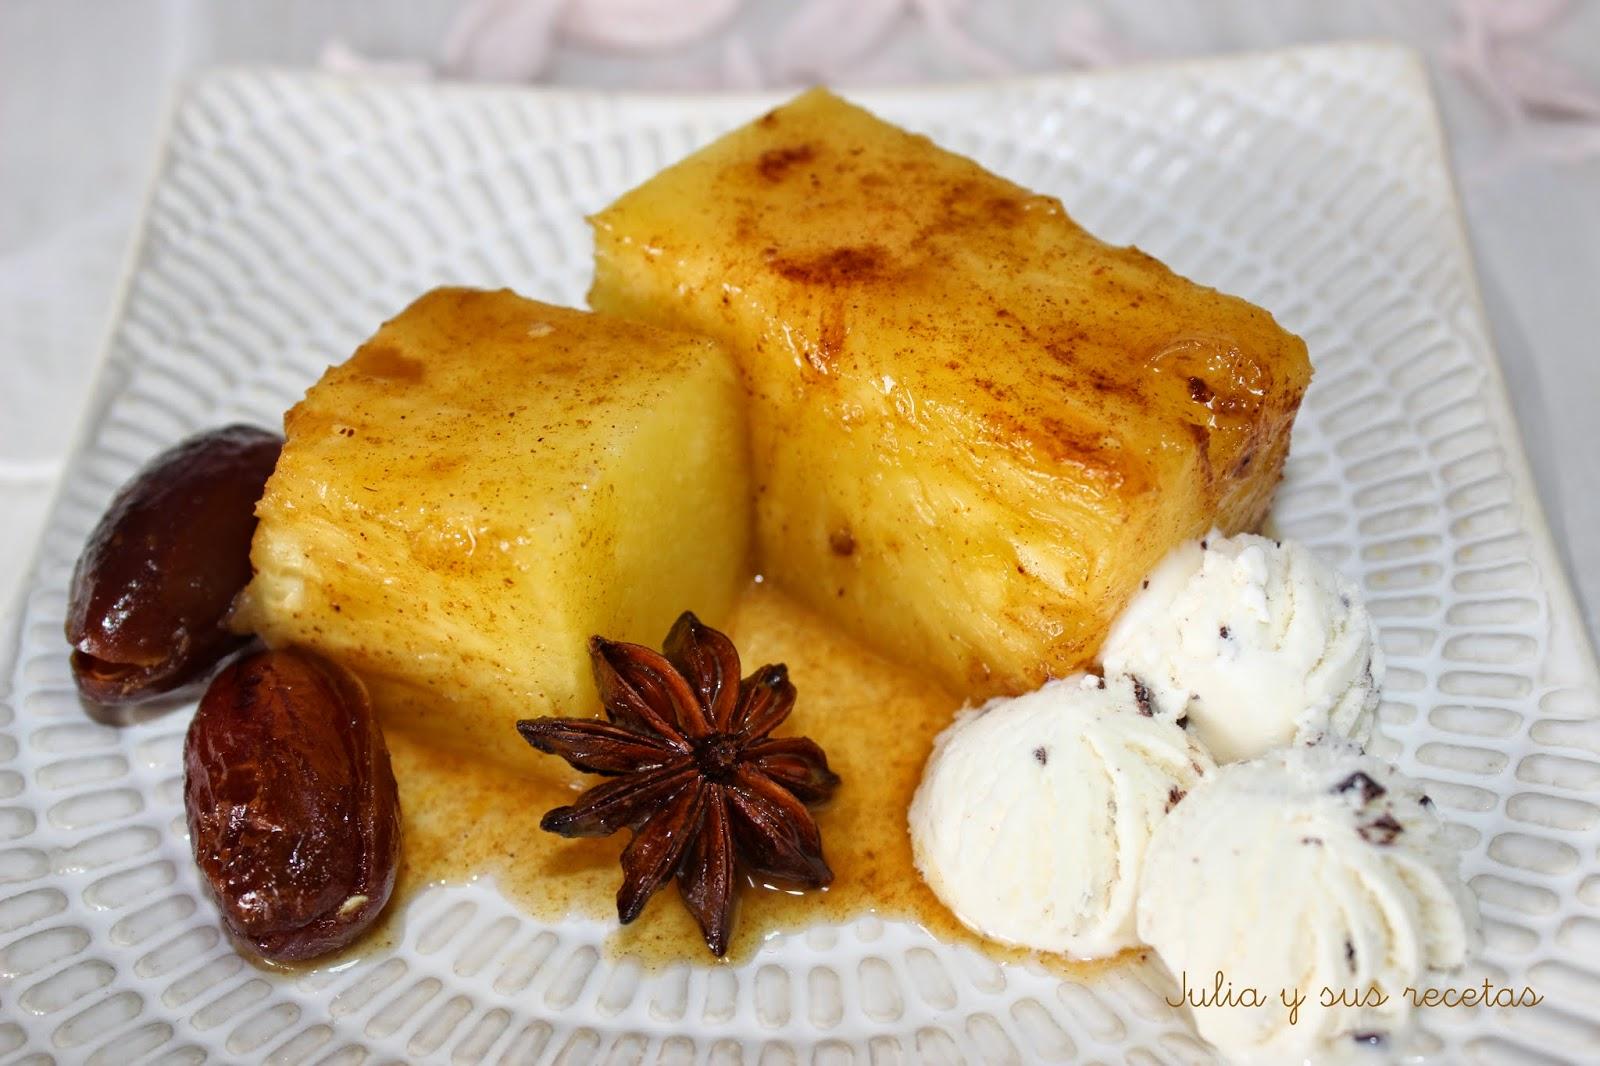 Piña asada a la miel. Julia y sus recetas